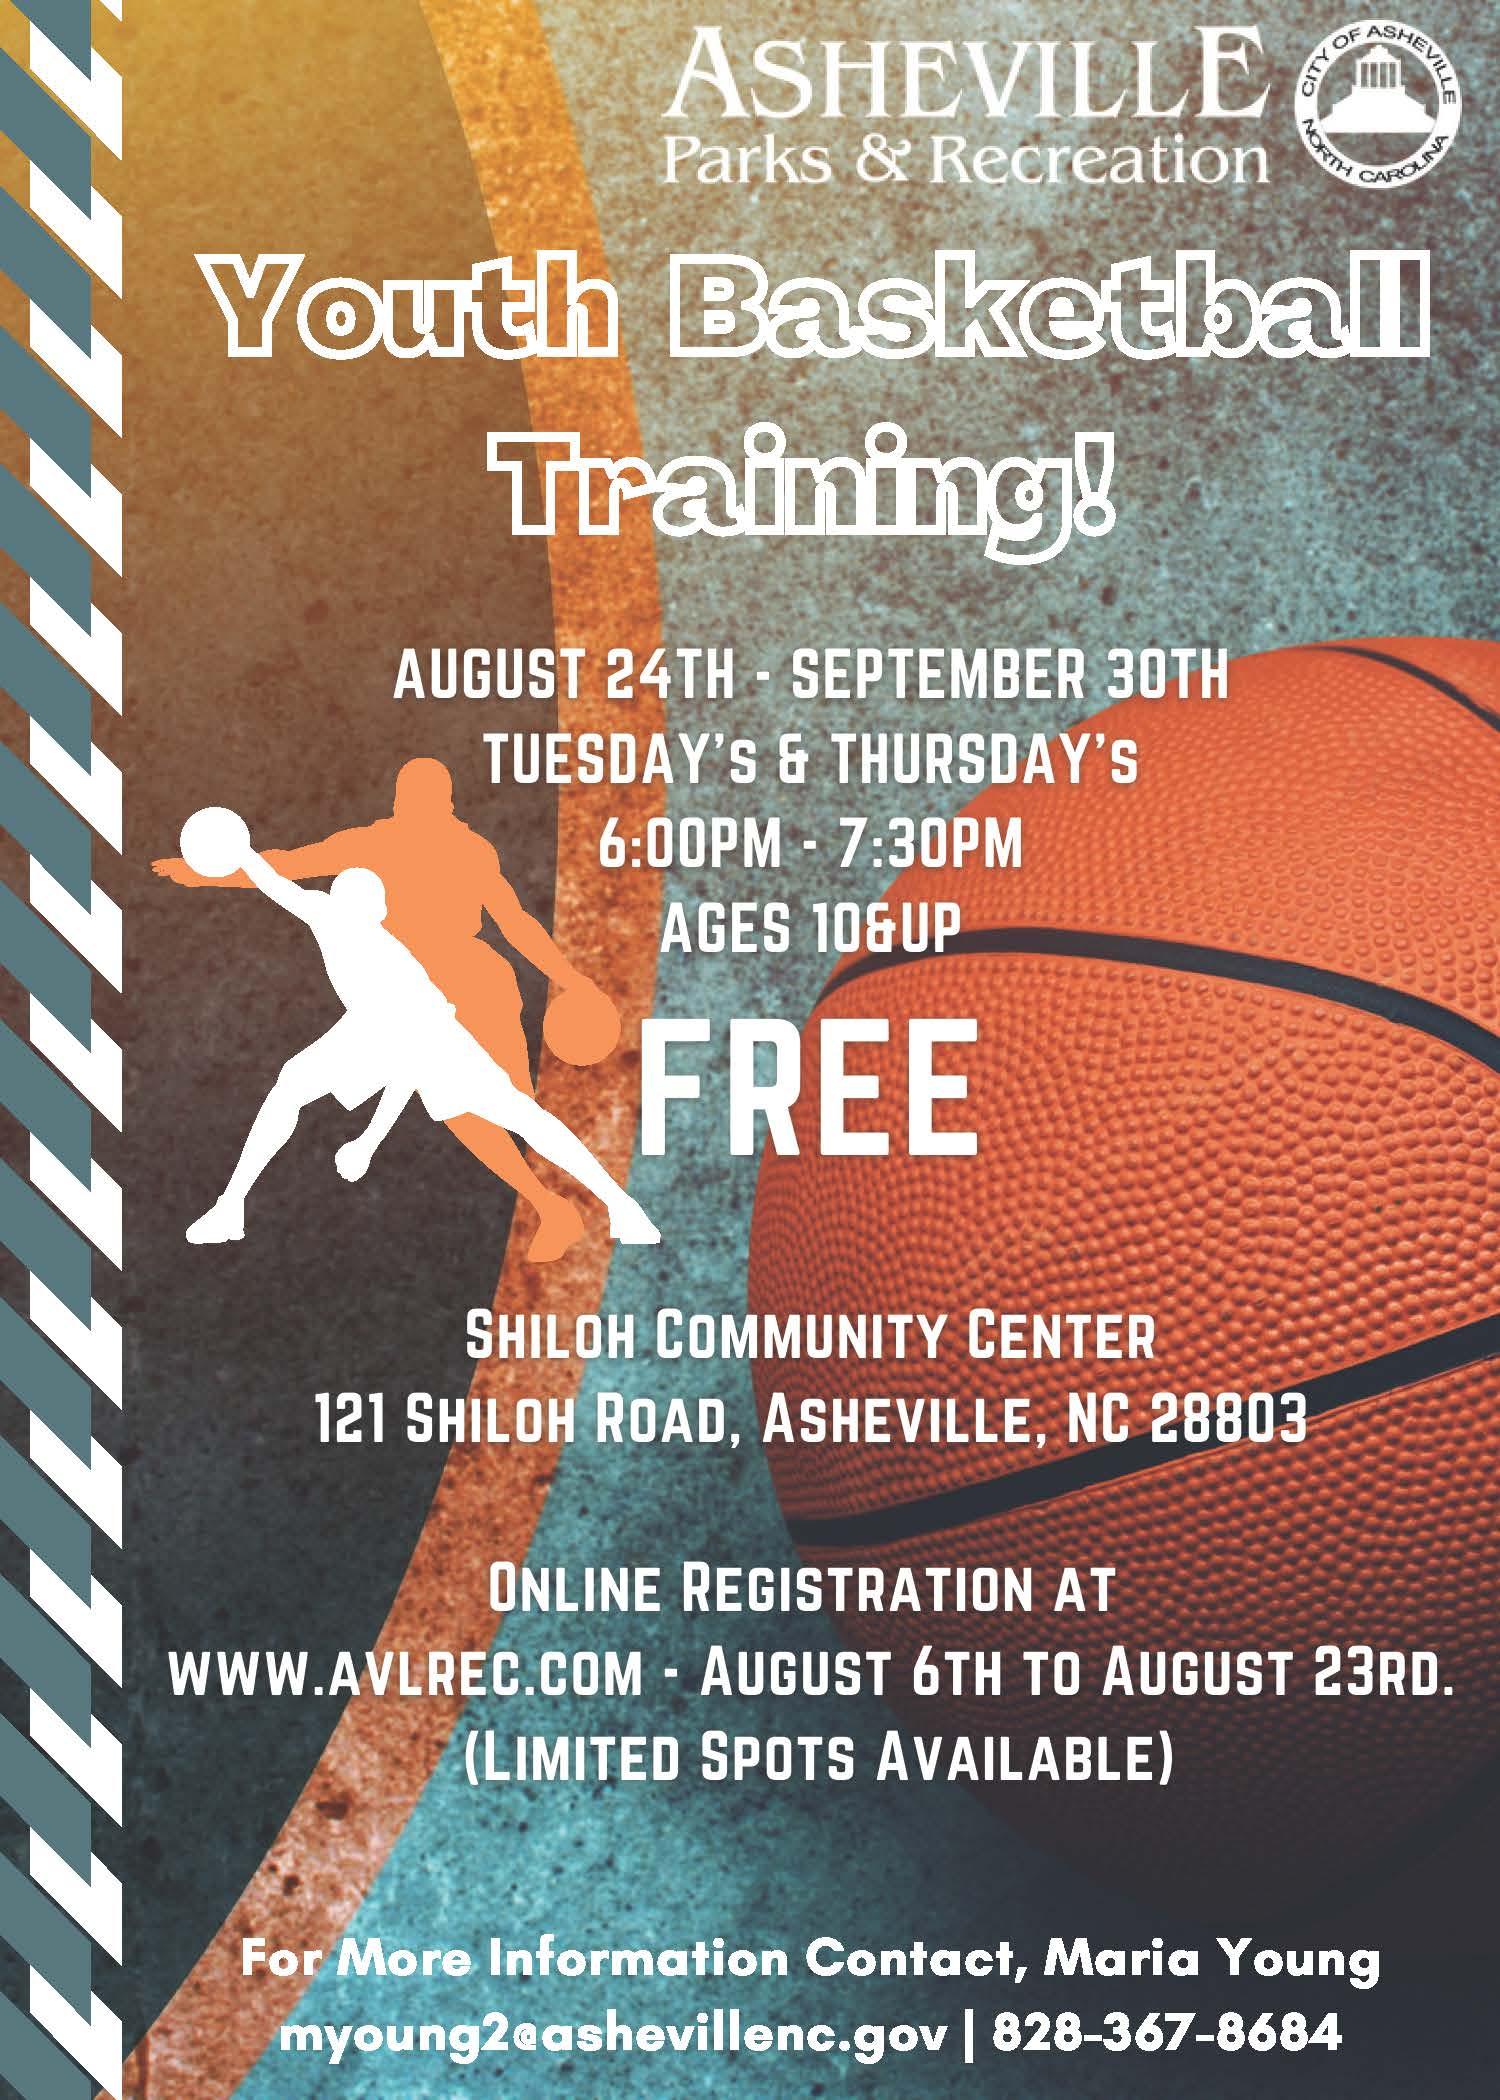 Youth Basketball Training Image